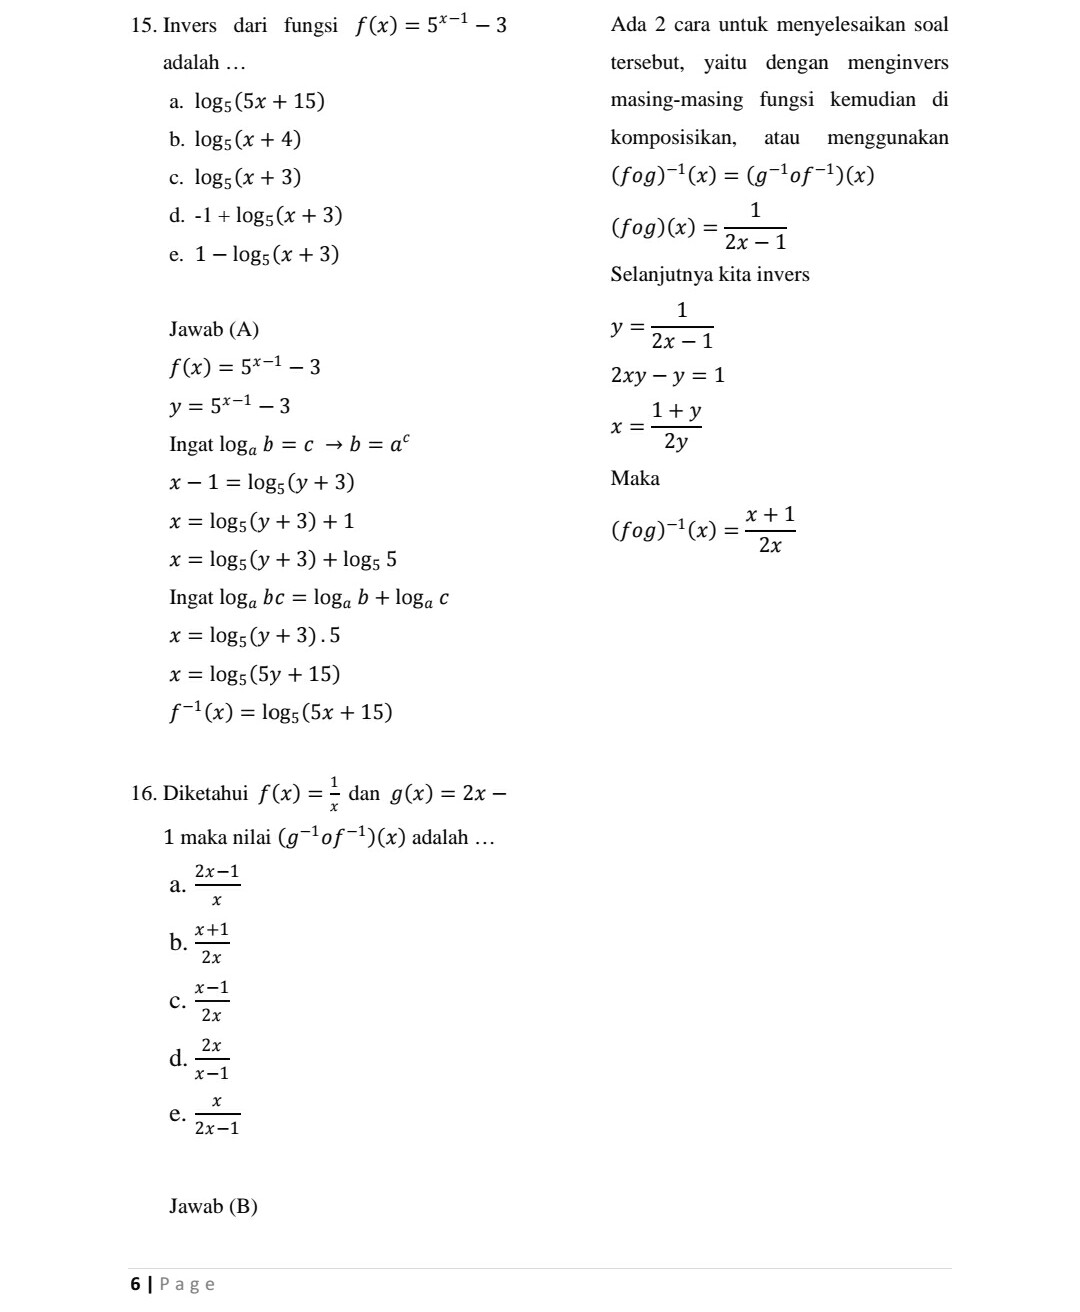 Soal Matematika Kelas 11 Semester 1 Dan Jawabannya : matematika, kelas, semester, jawabannya, Matematika, Wajib, Kelas, Semester, Pembahasannya, Kunci, Dunia